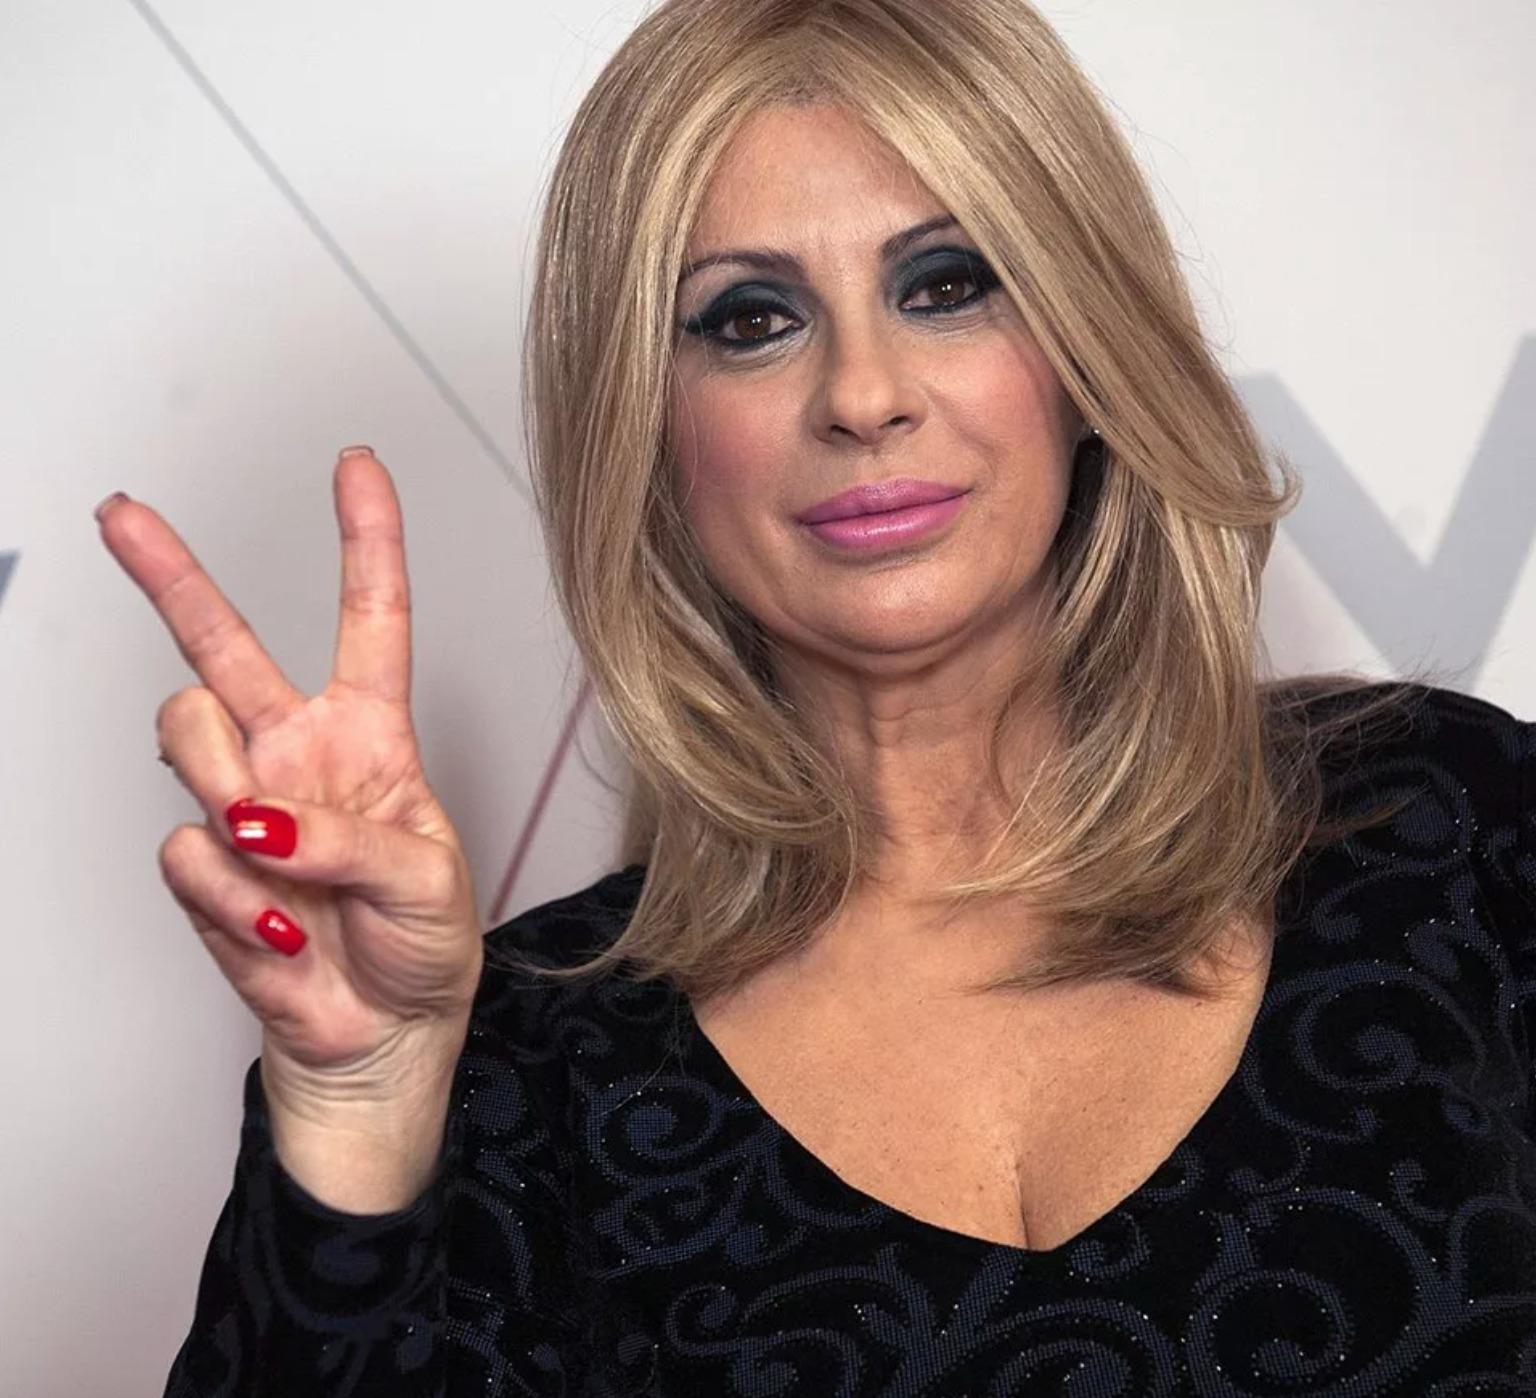 Tina Cipollari lascia Uomini e Donne? Dopo l'indiscrezione, la decisione: cosa succede a Mediaset